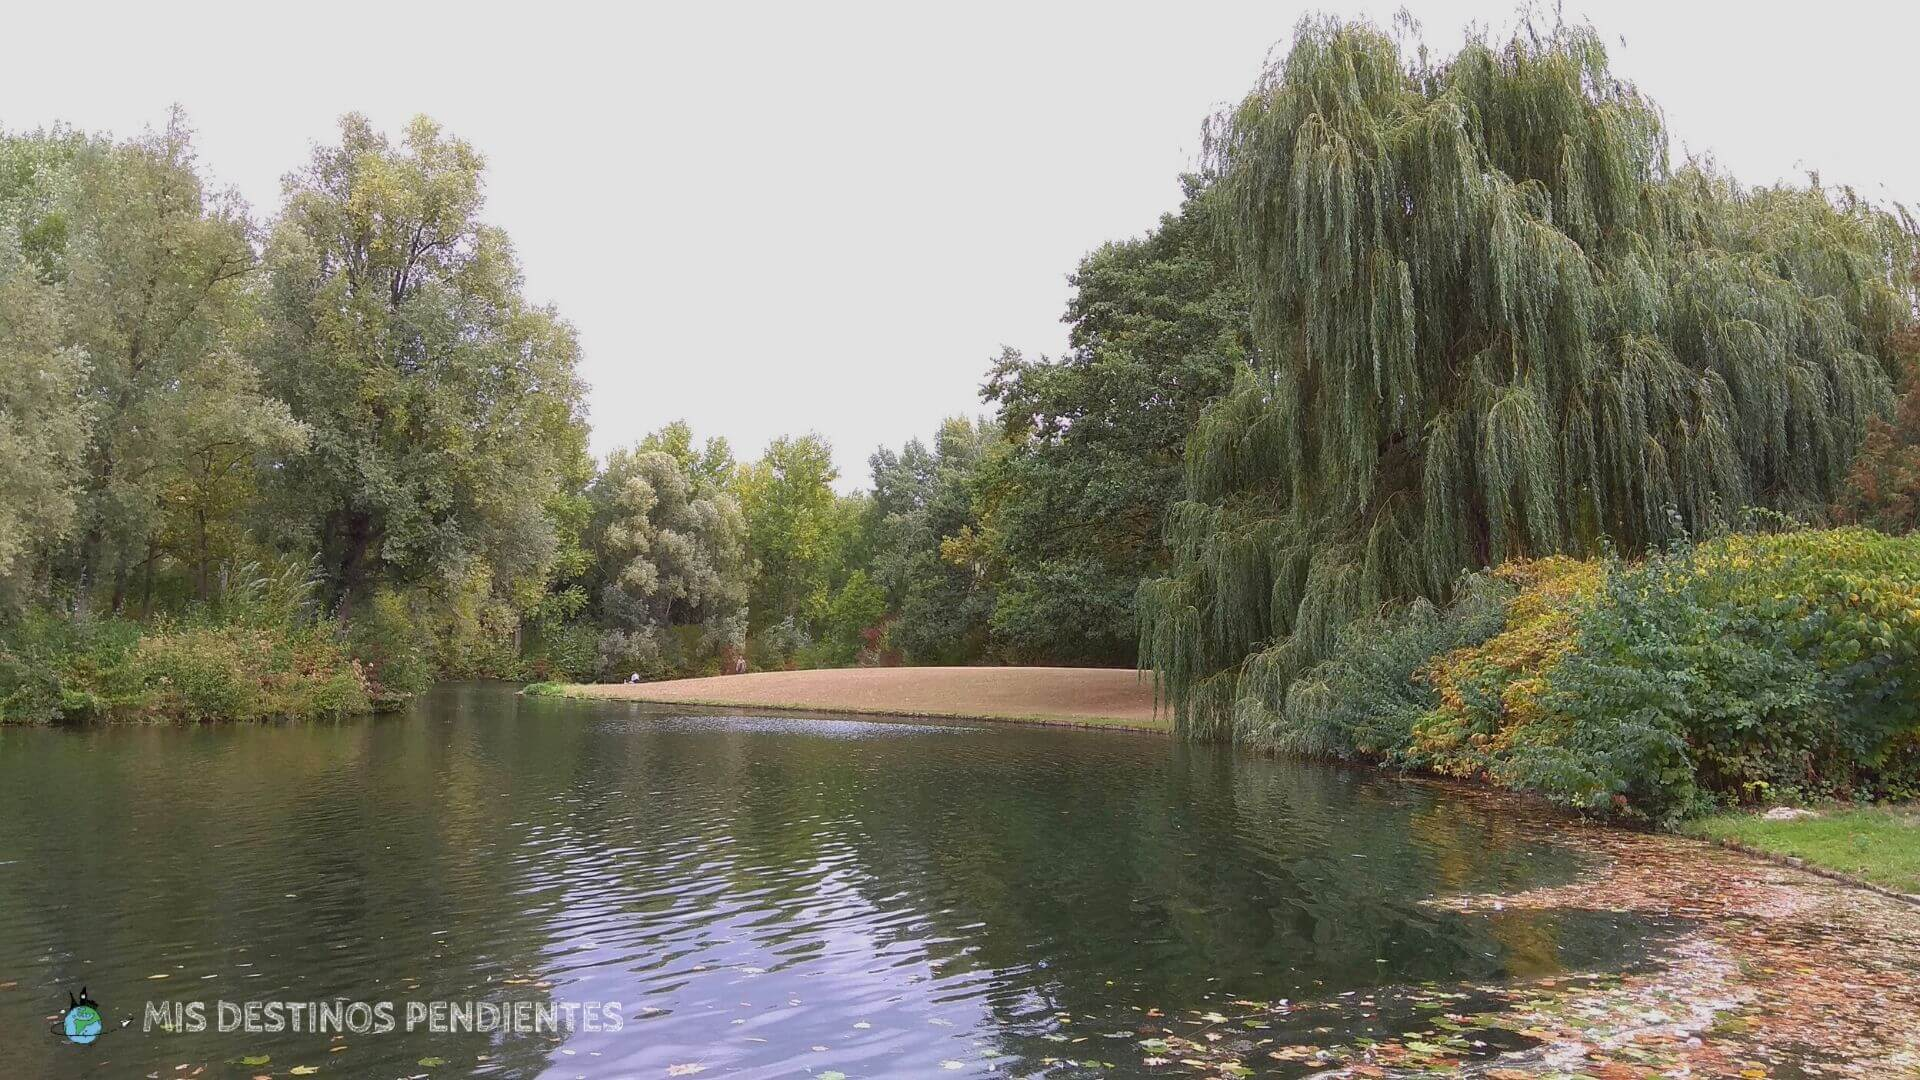 Freizeitpark Rheinaue (Bonn, Alemania)